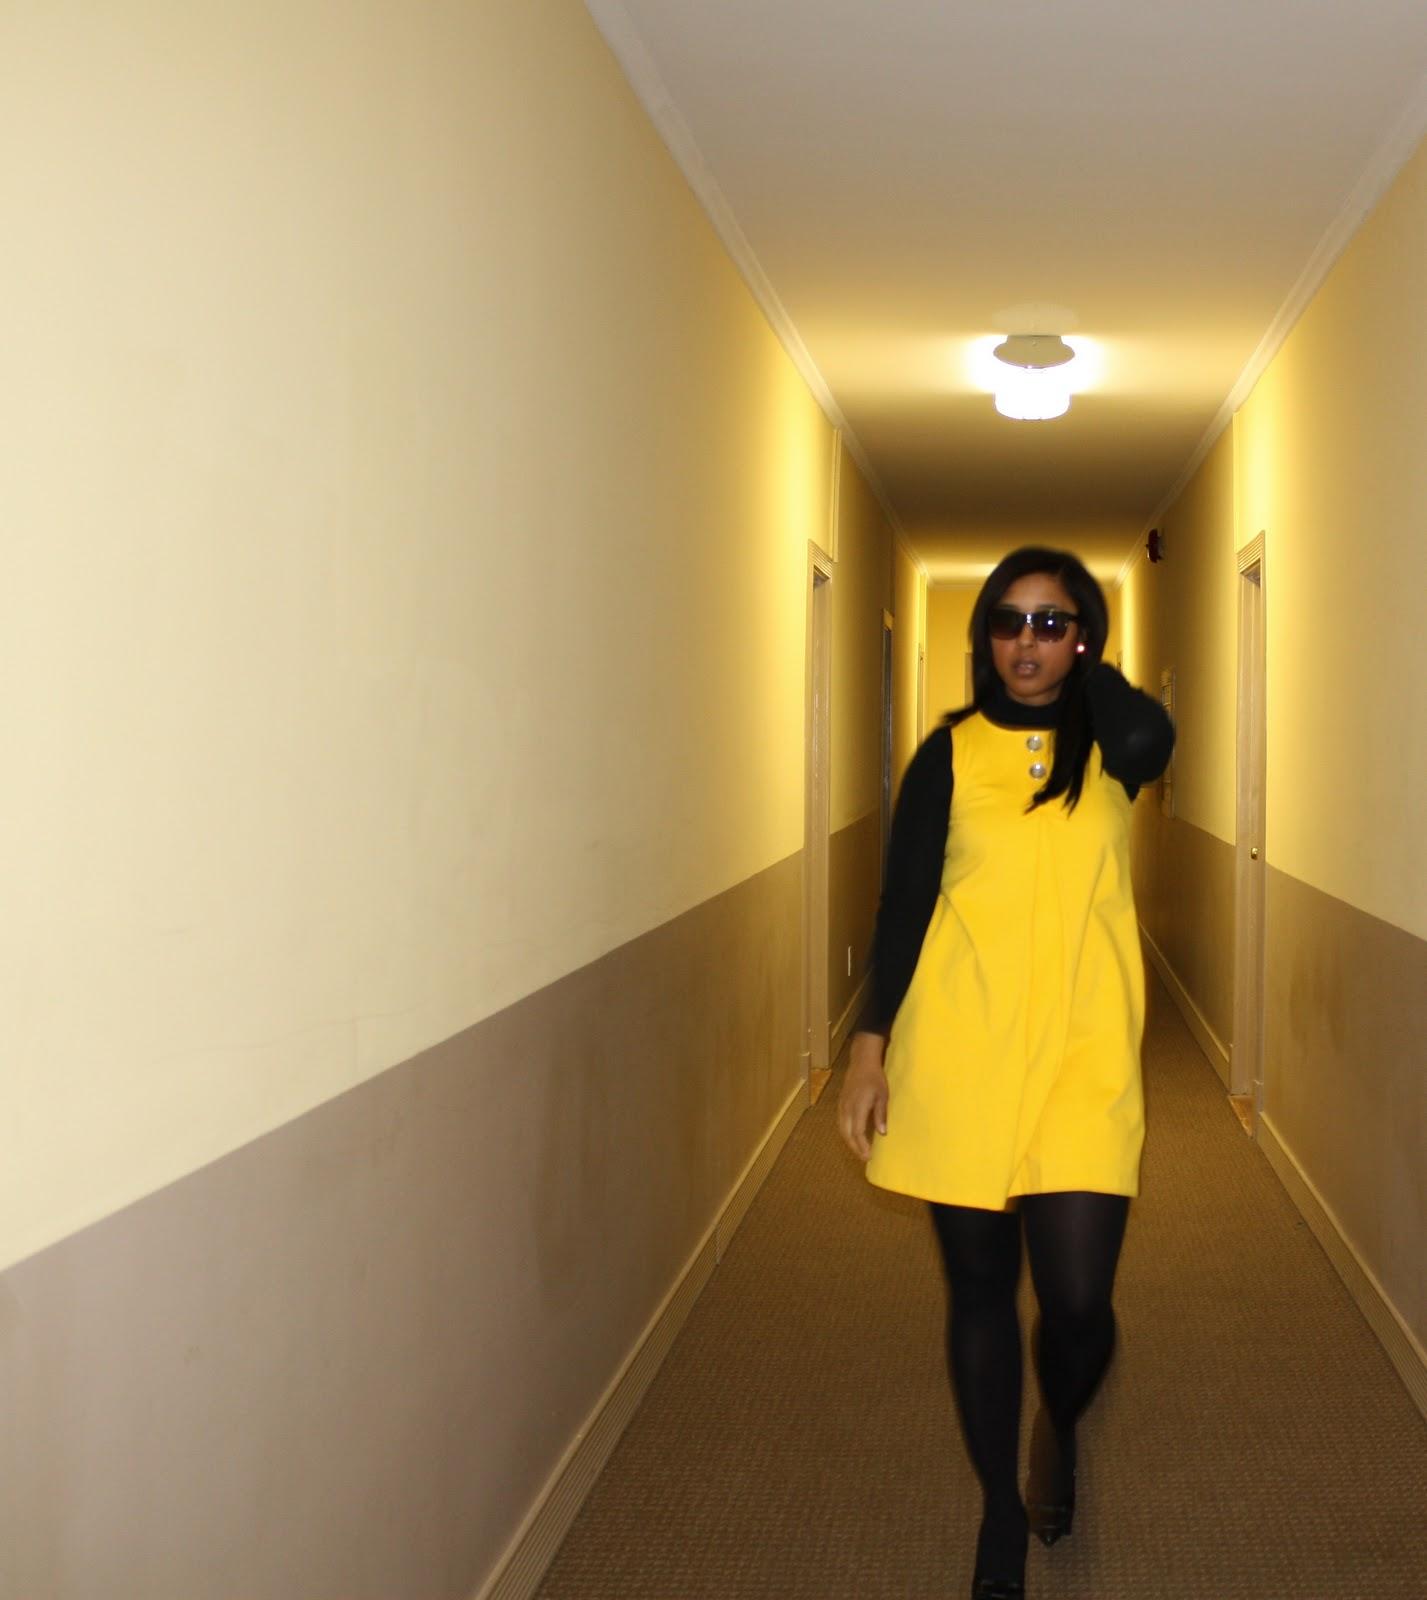 http://4.bp.blogspot.com/-i5OcsGBUYWQ/TZJtM63mHdI/AAAAAAAAAZc/iPMF_7IND_Y/s1600/walking+full.JPG